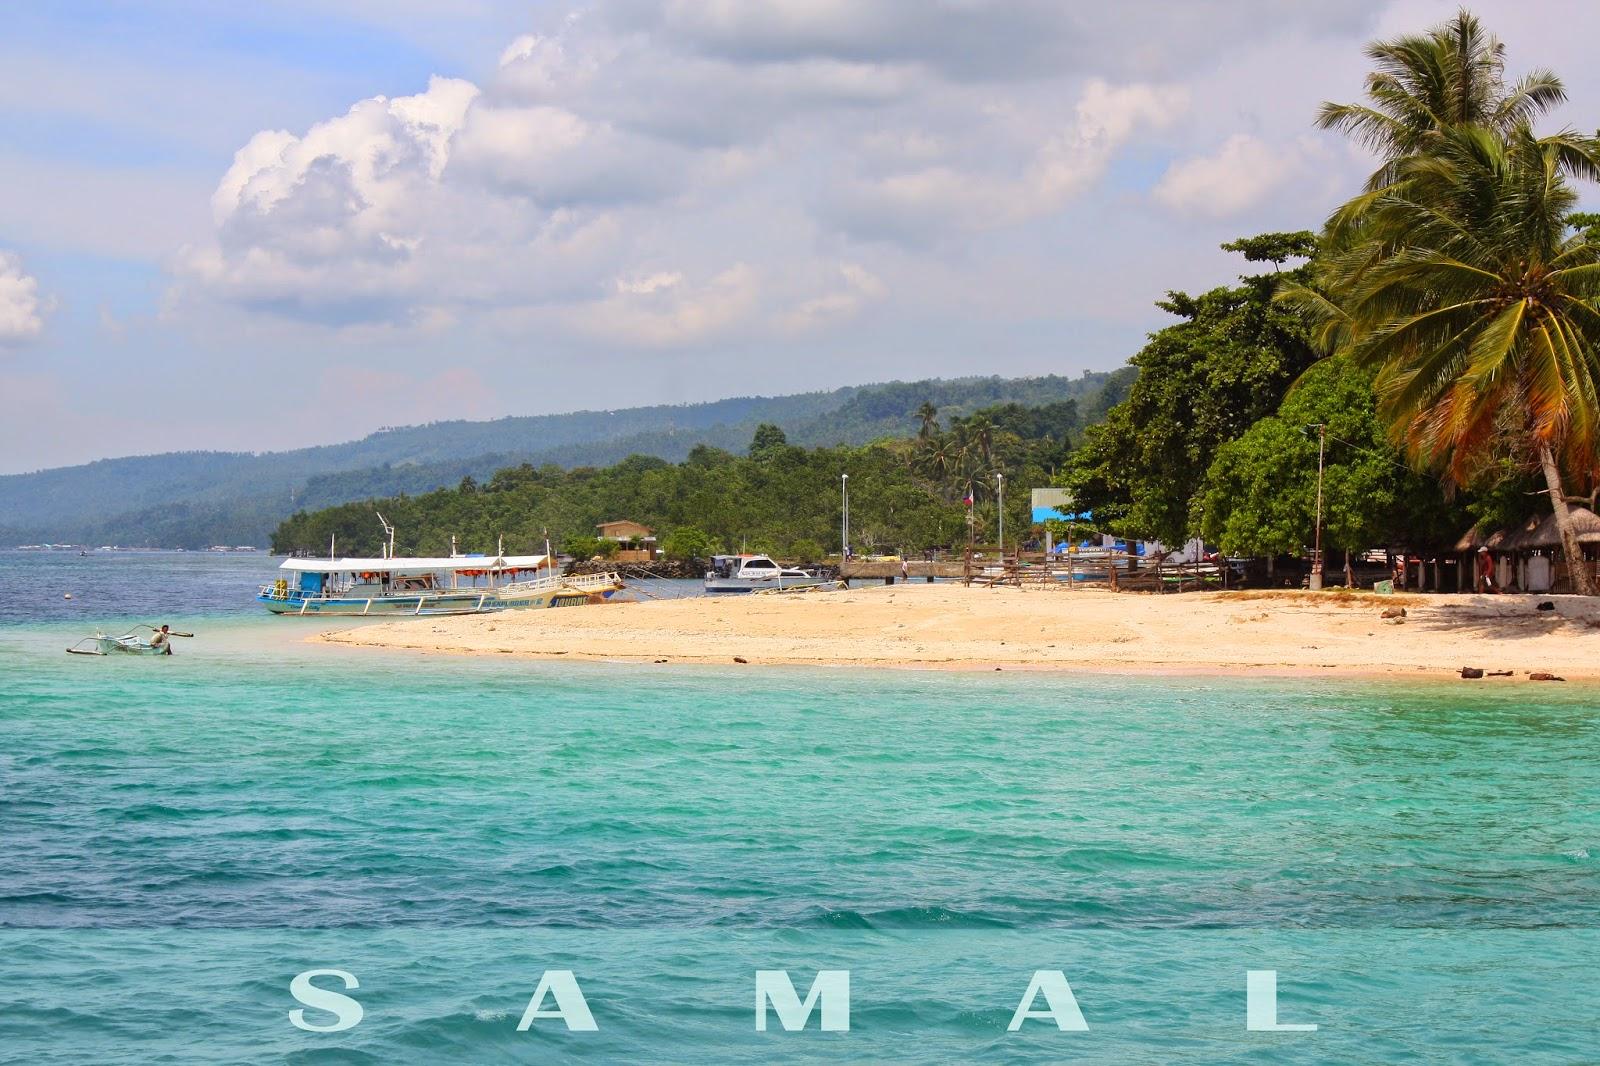 Kaputian Beach Park, one of the popular Samal beaches